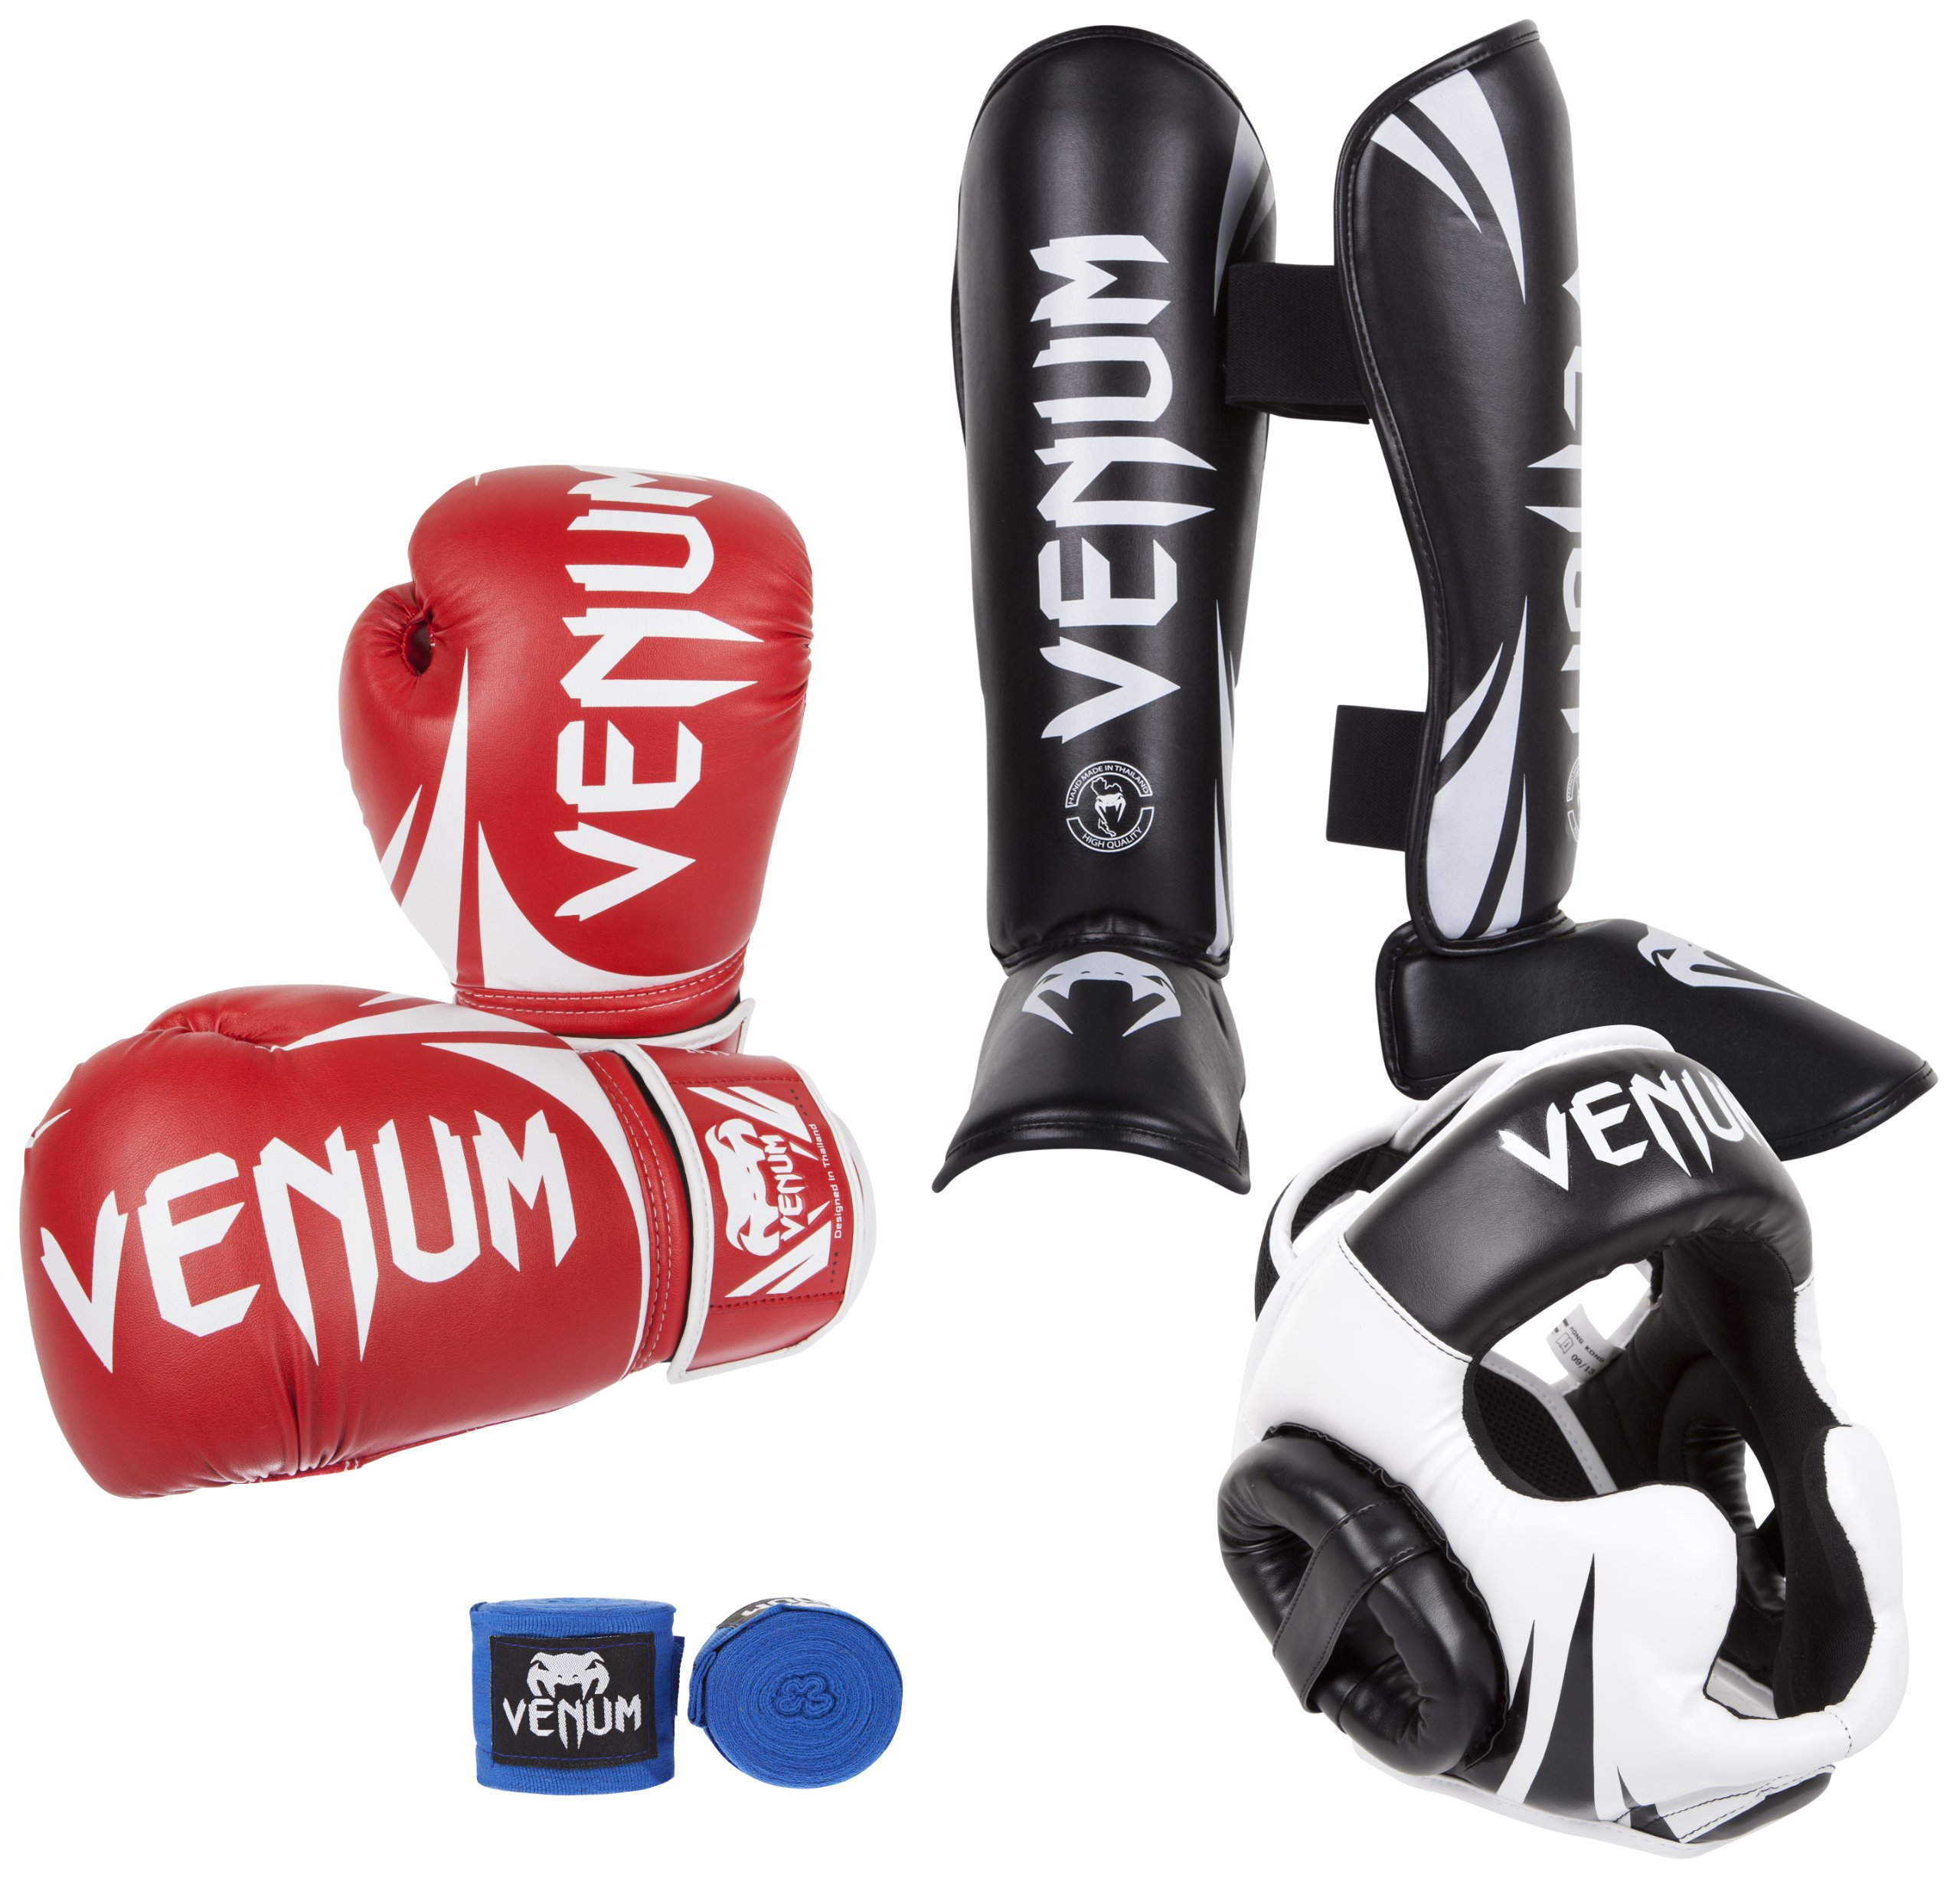 Venum Challenger 2.0 Standup Bundle, Red Gloves, Black Shinguards, Black/White Headgear, Blue Handwraps, 10-Ounces Gloves, Large Shinguards, Headgear One Size, Handwraps 4M by Venum